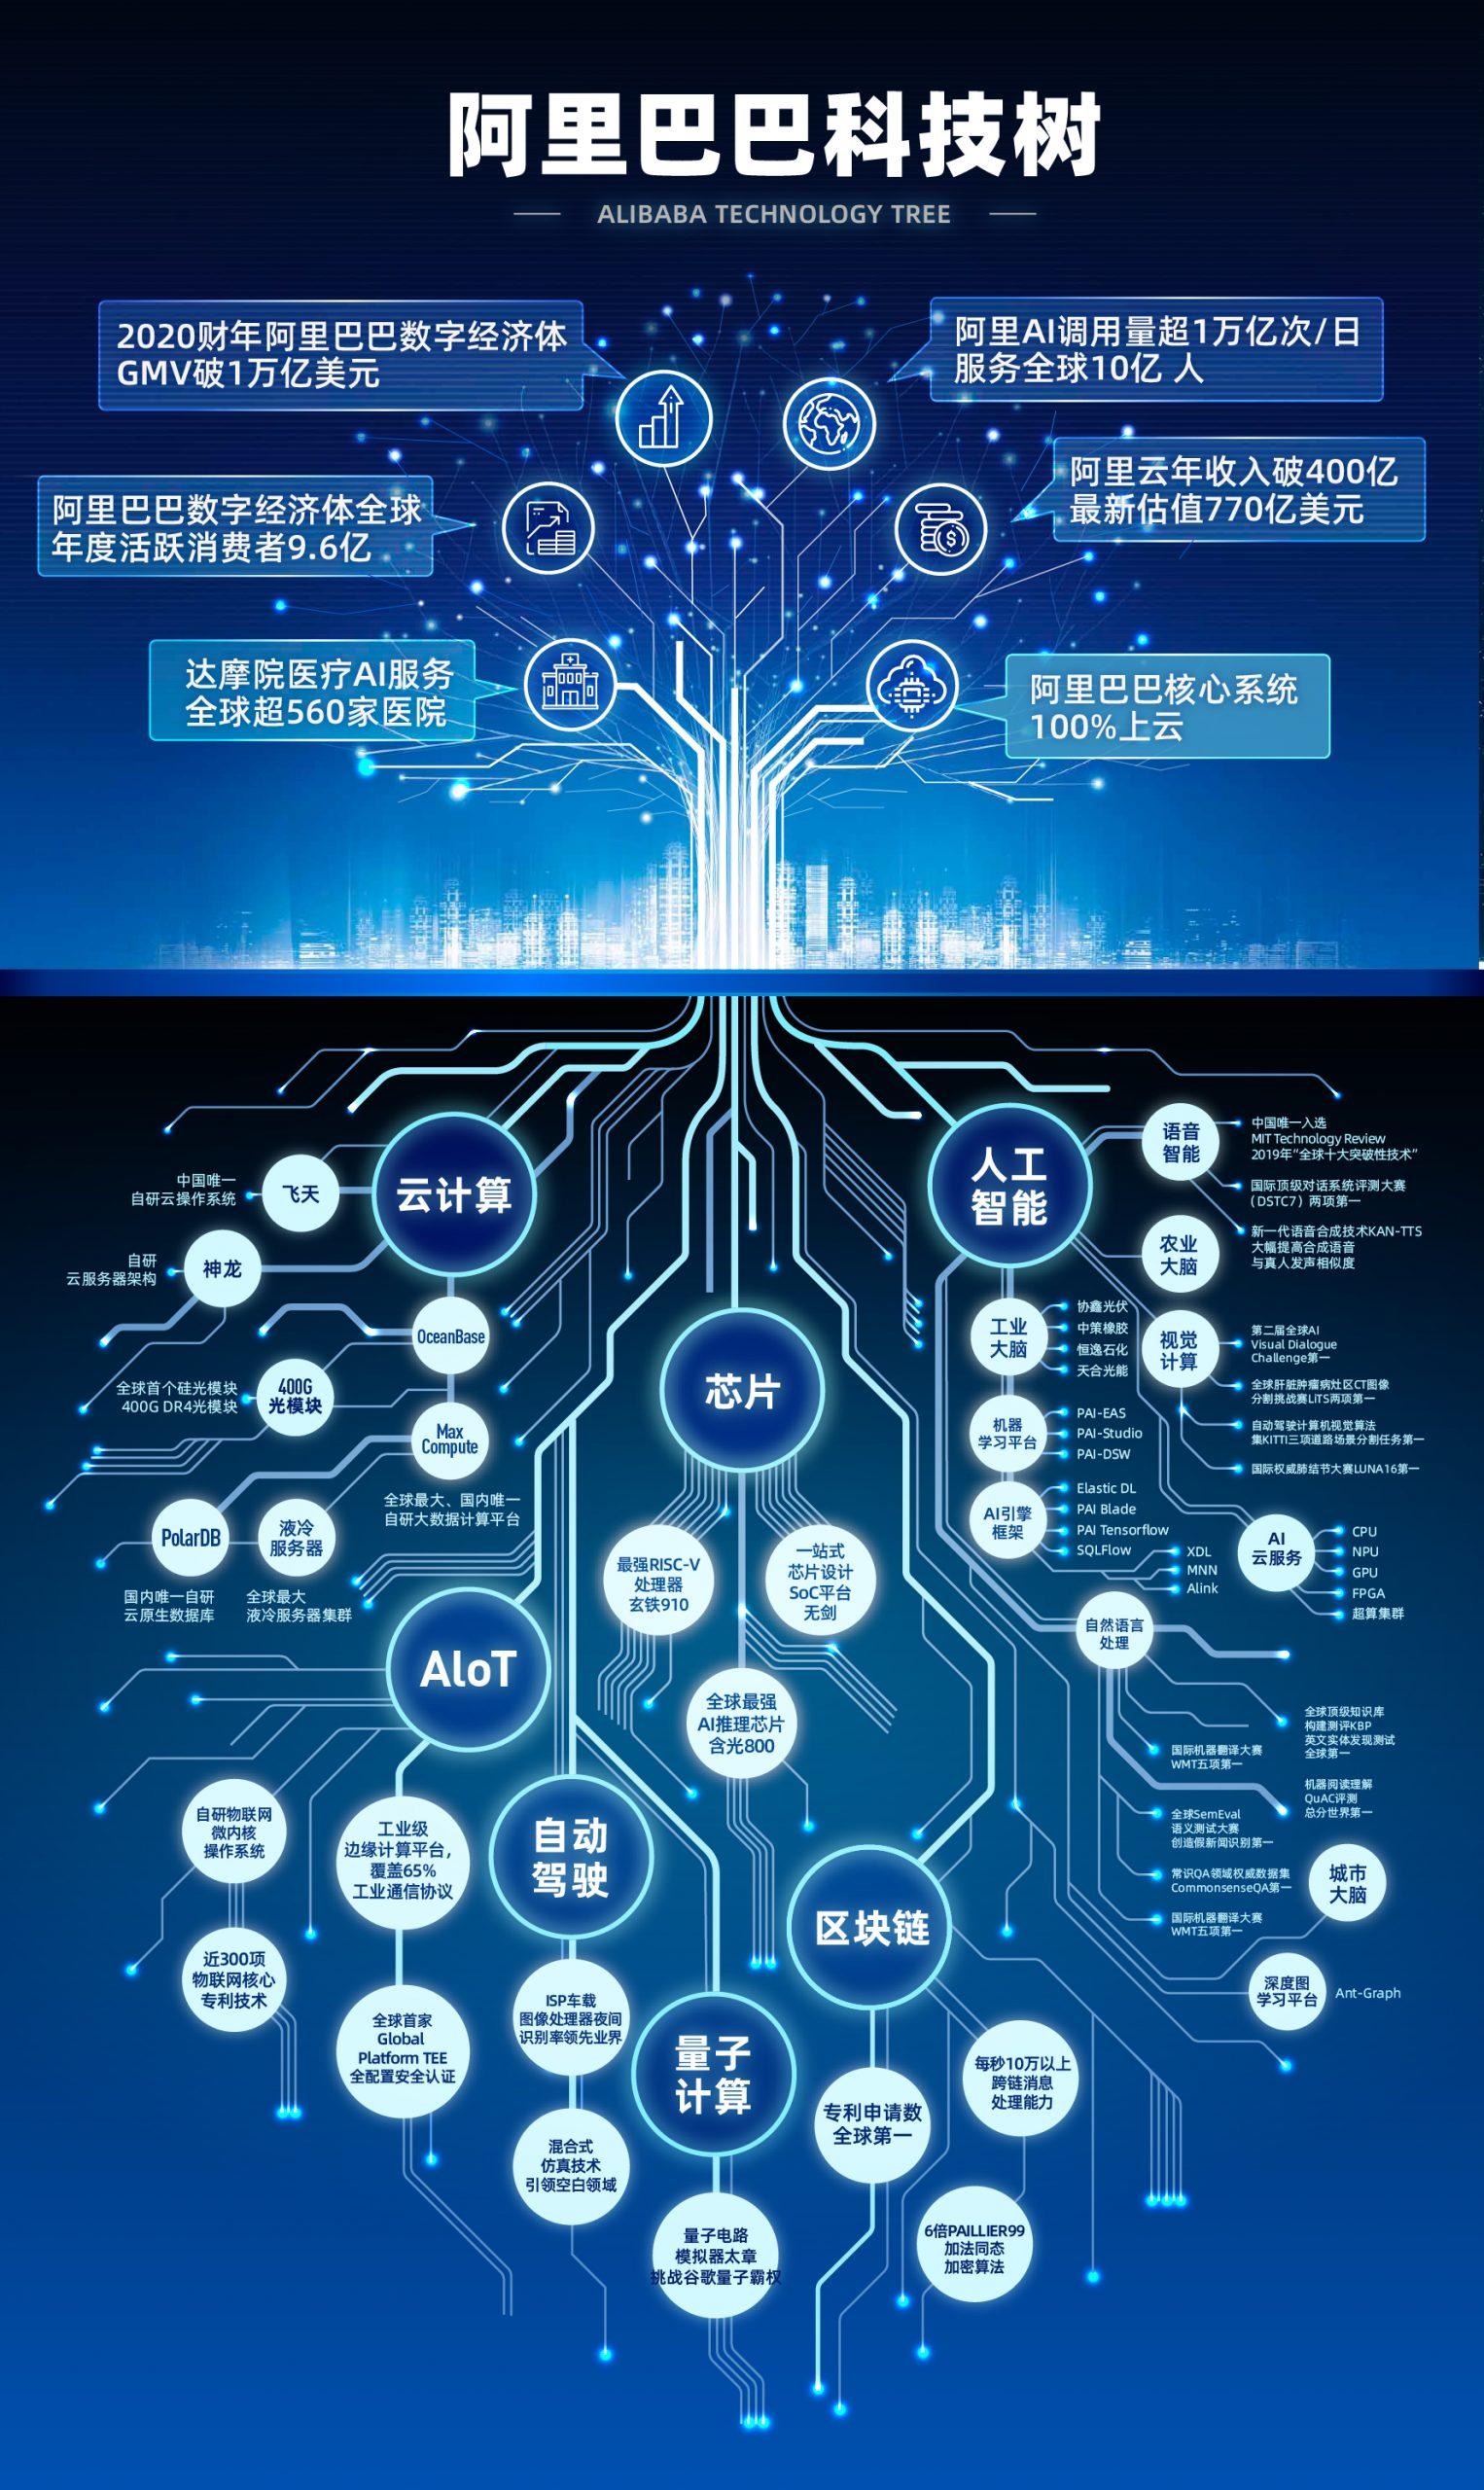 阿里财报超预期:高科技板块崛起,云收入破400亿!